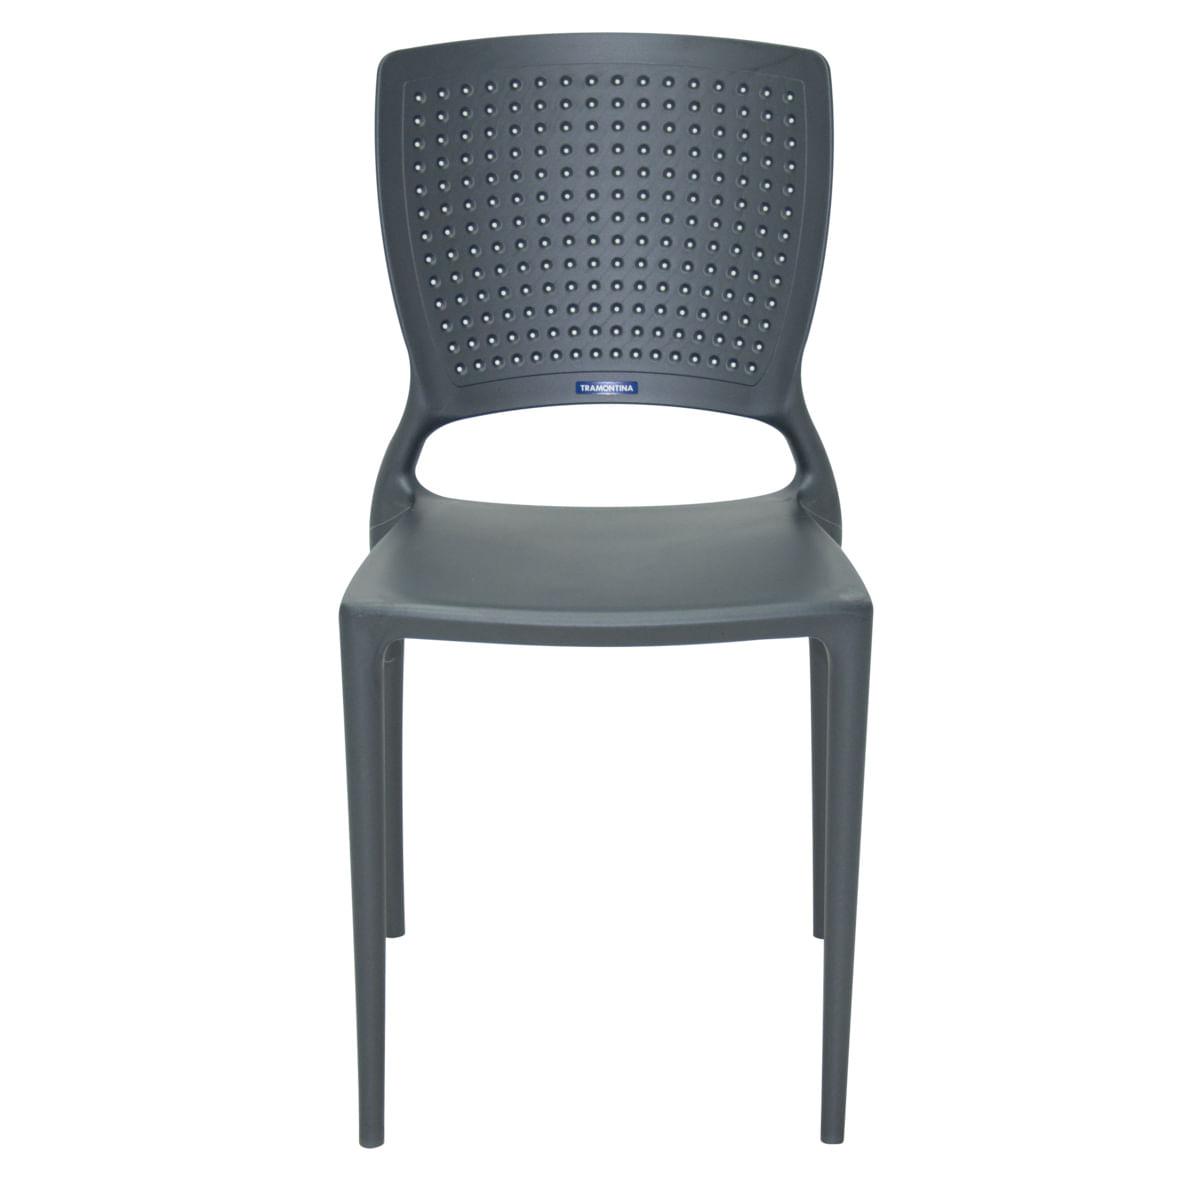 Cadeira Tramontina Safira Grafite em Polipropileno e Fibra de Vidro